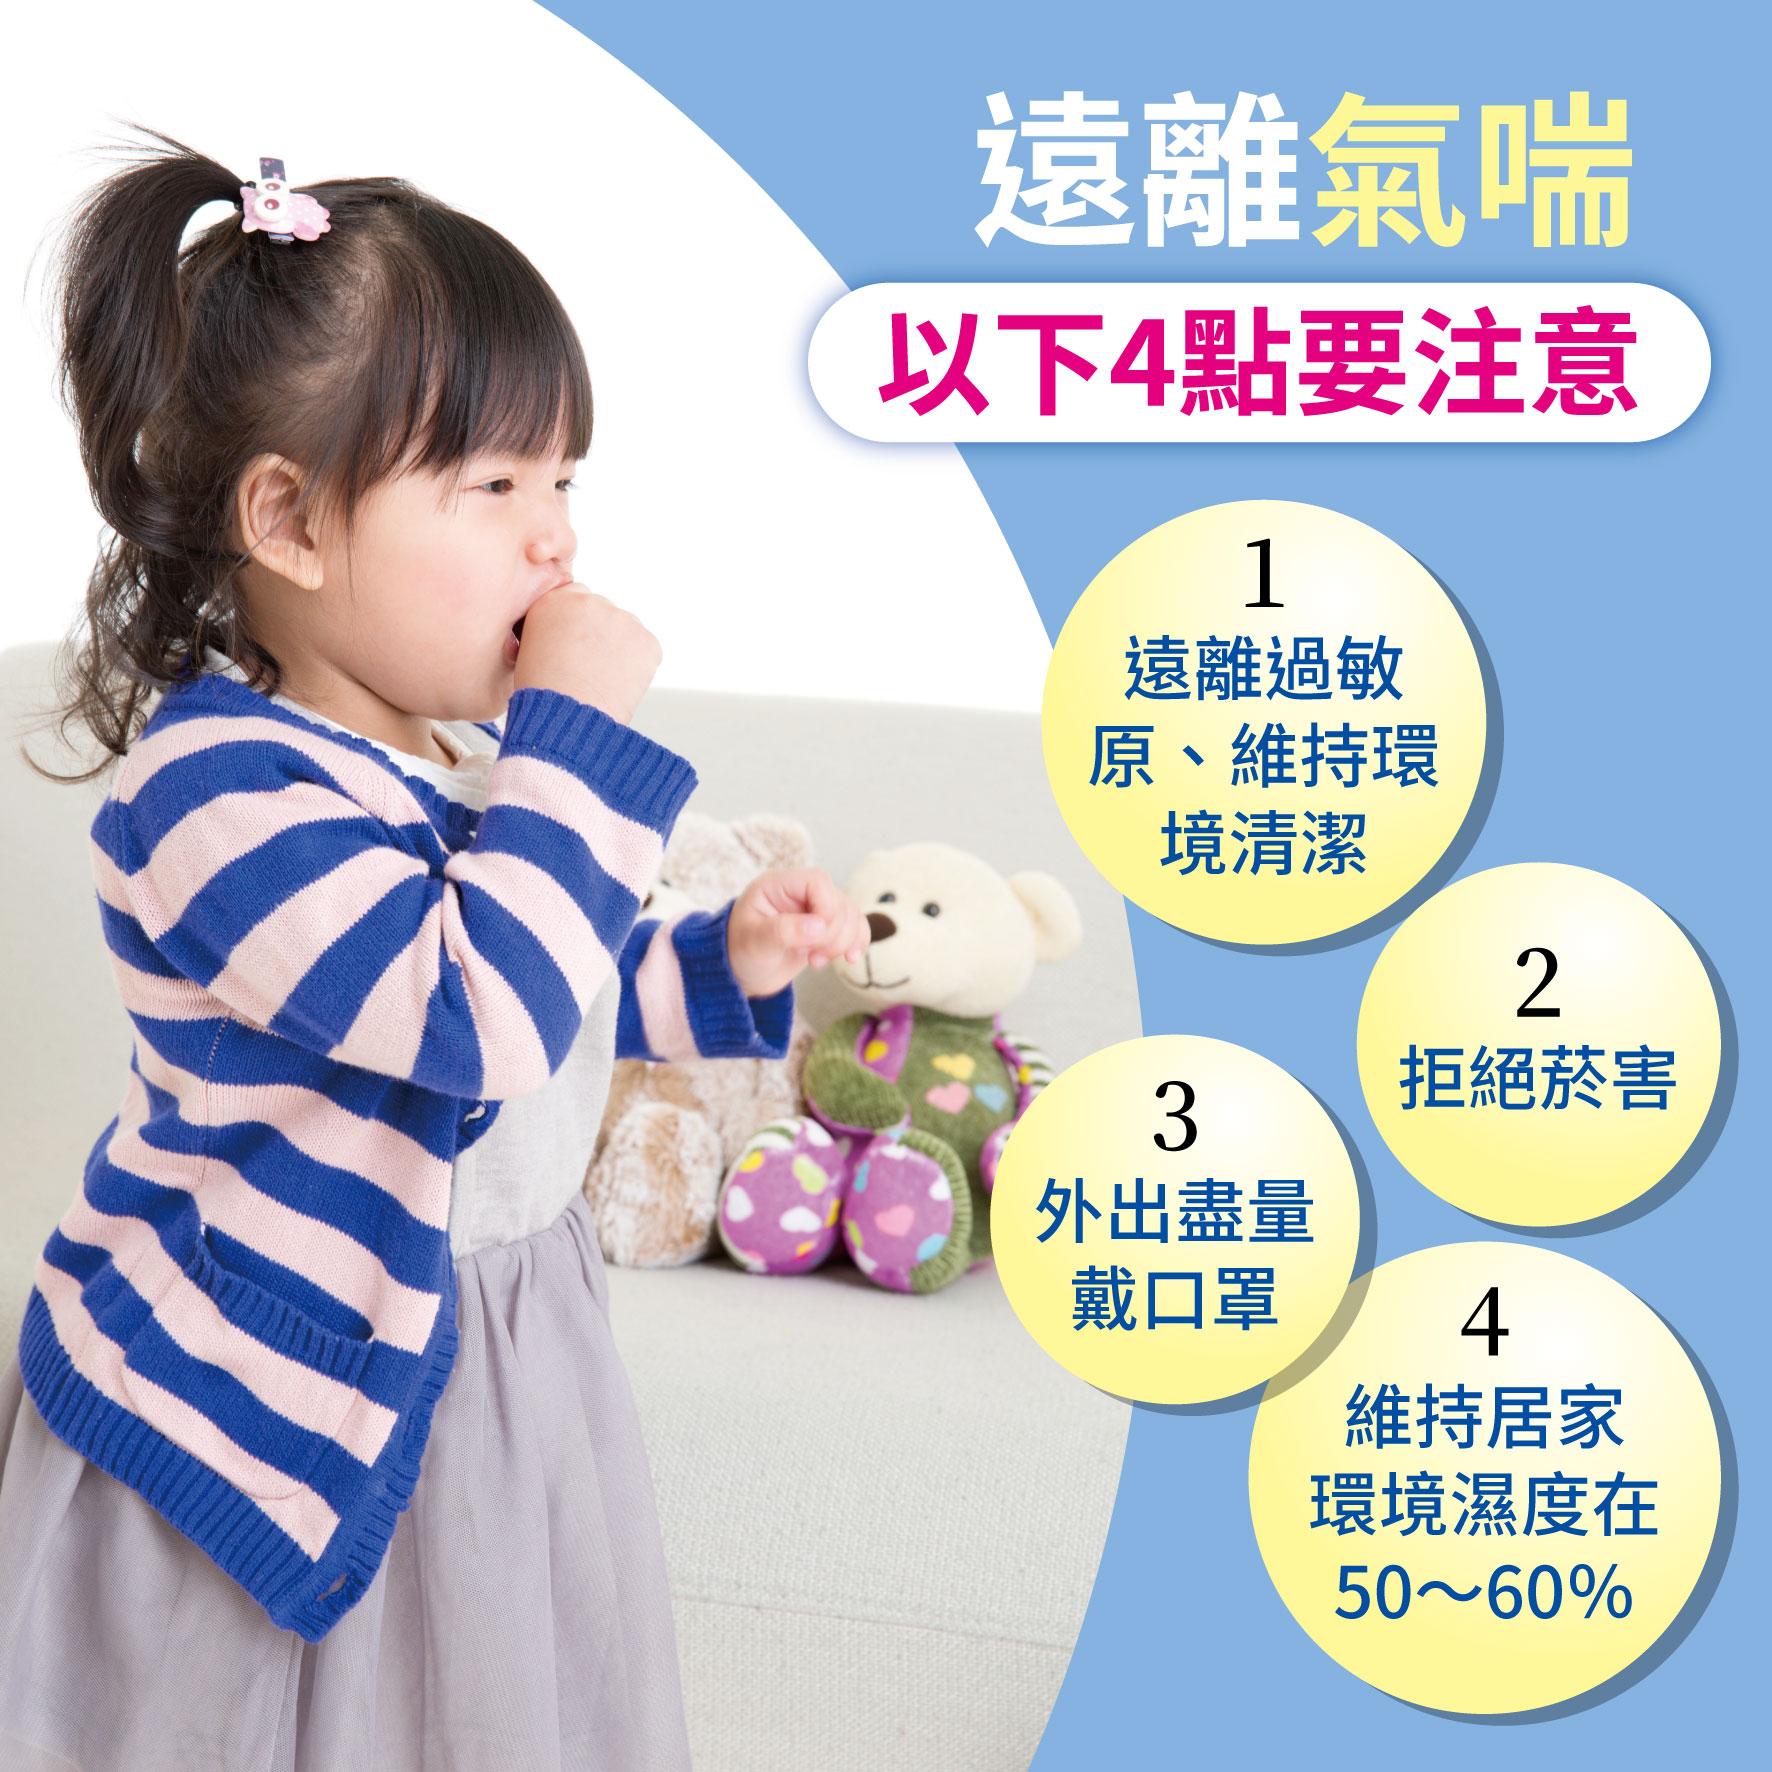 幼兒3歲 (第8週)遠離氣喘 以下4點要注意